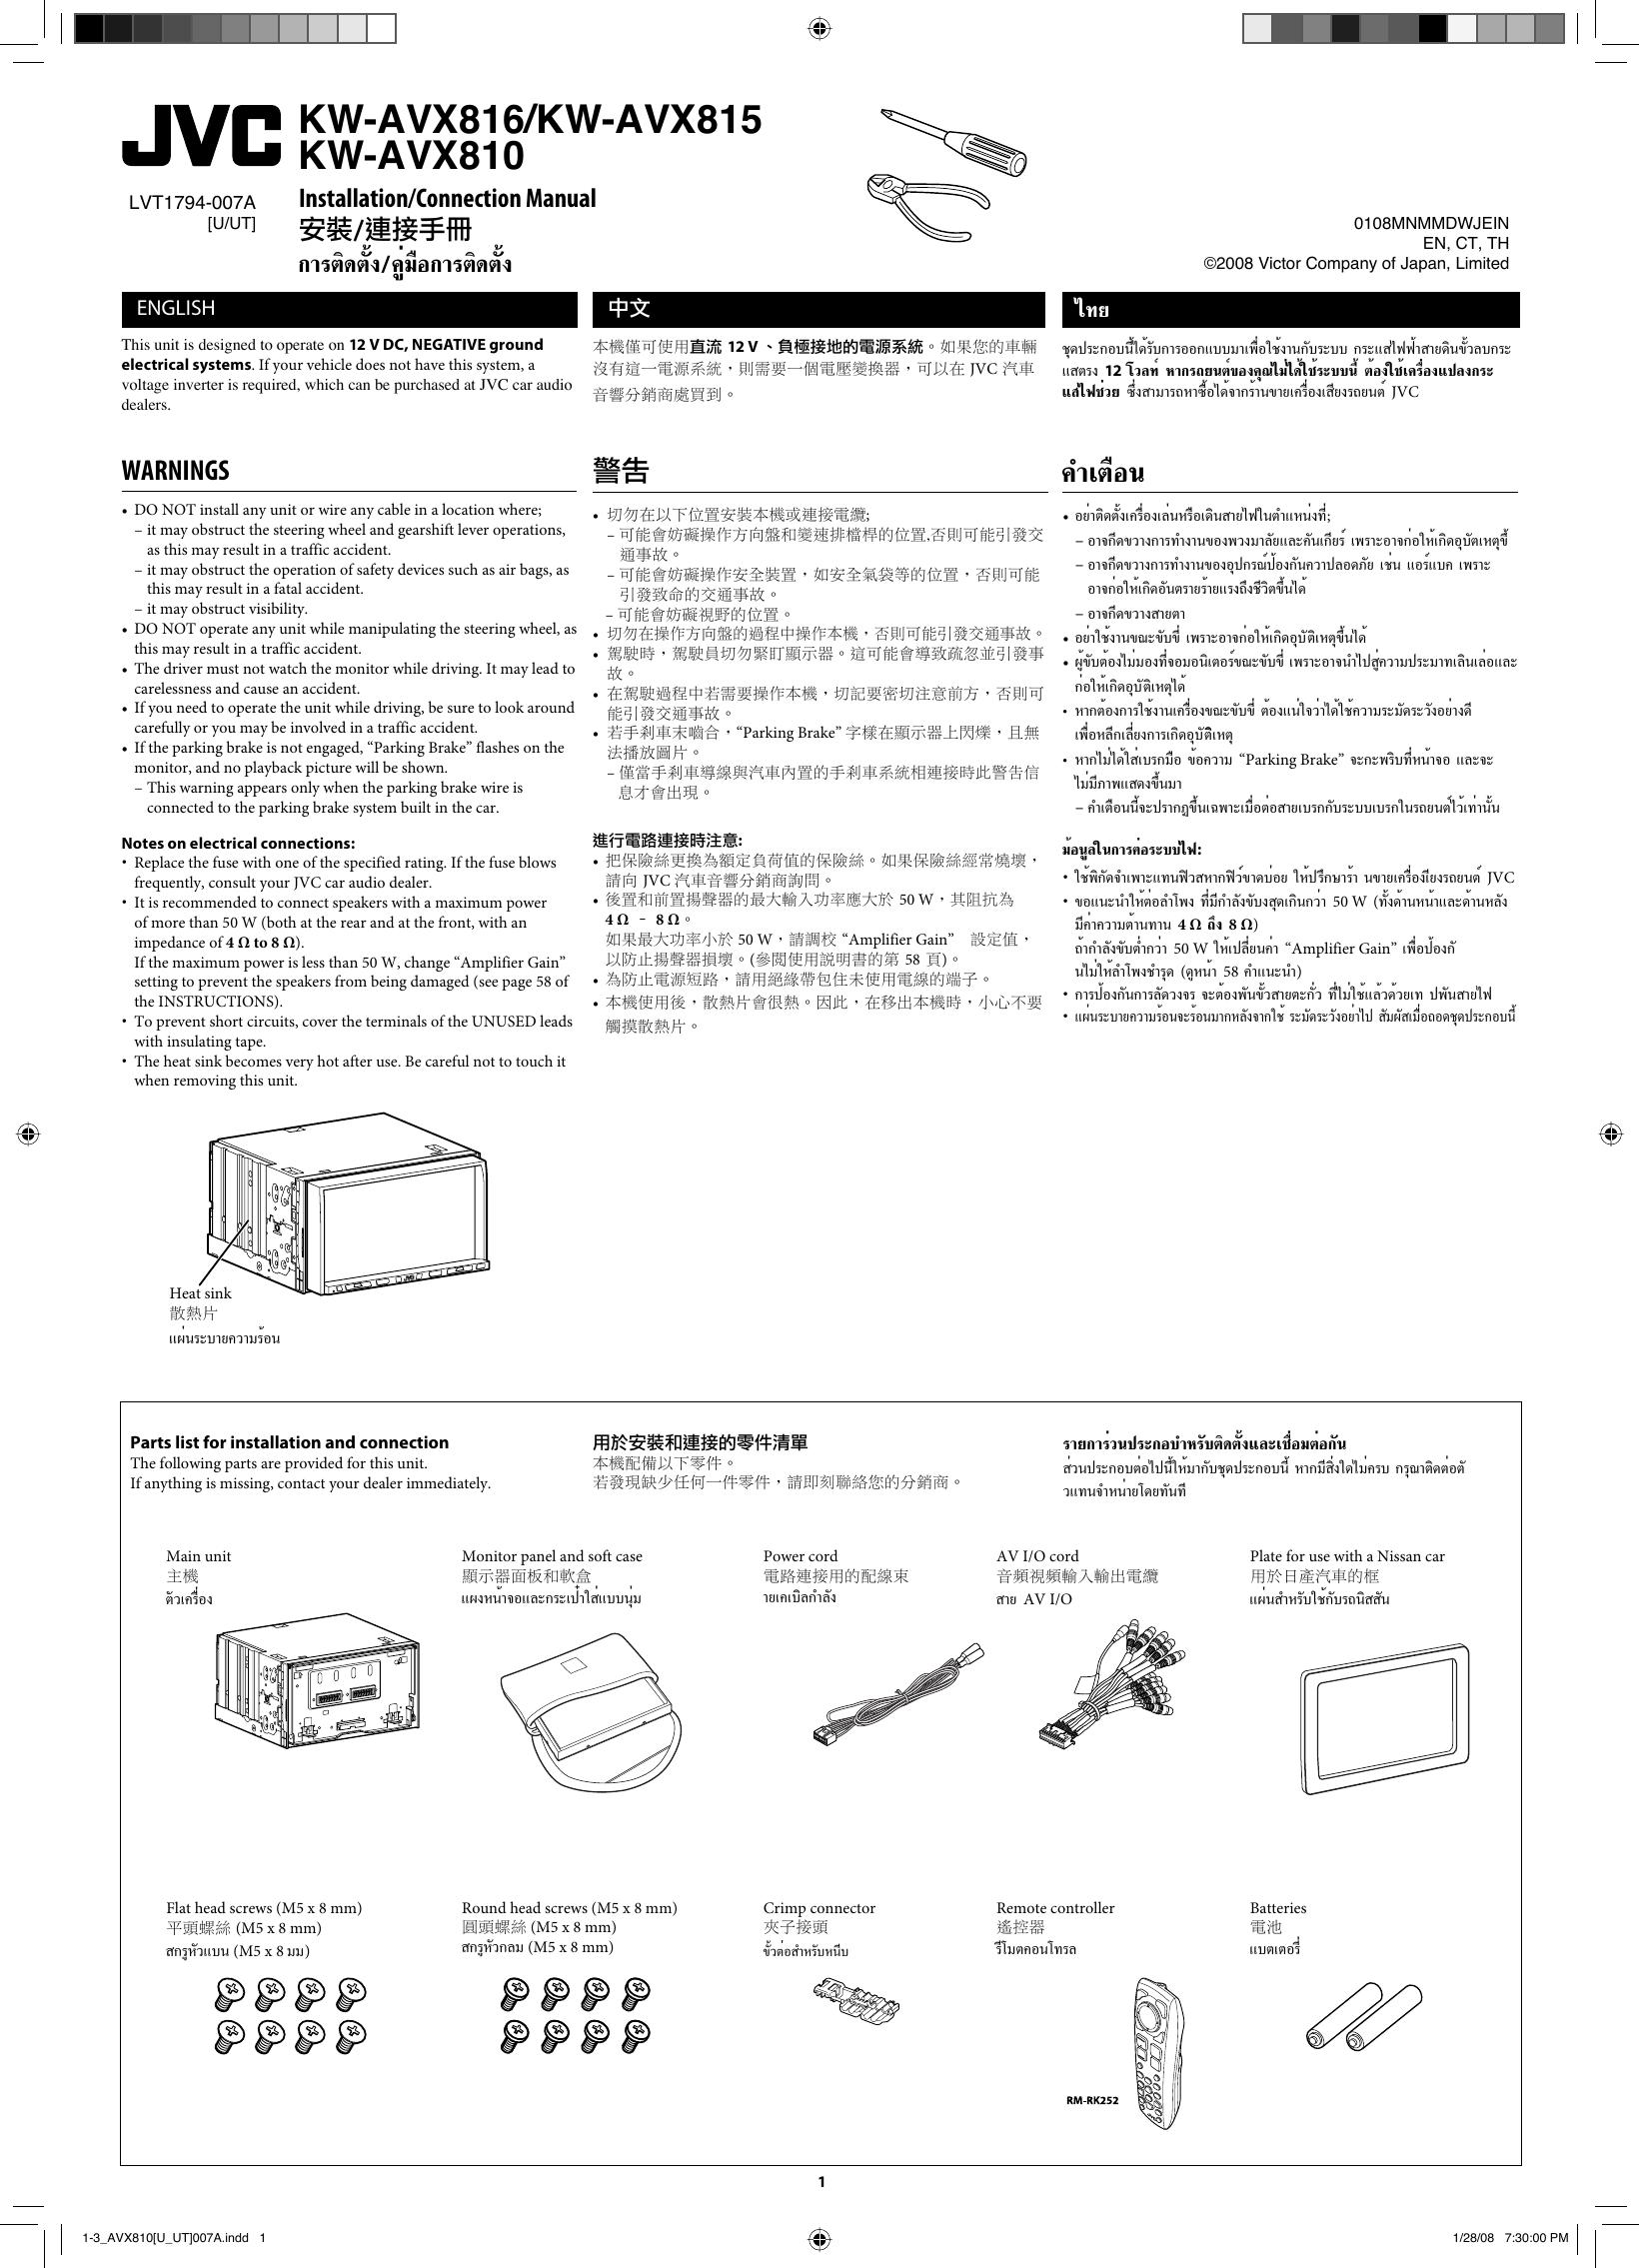 jvc kw avx810ut avx816 kw avx815 kw avx810 u ut installation user rh usermanual wiki Online User Guide Word Manual Guide